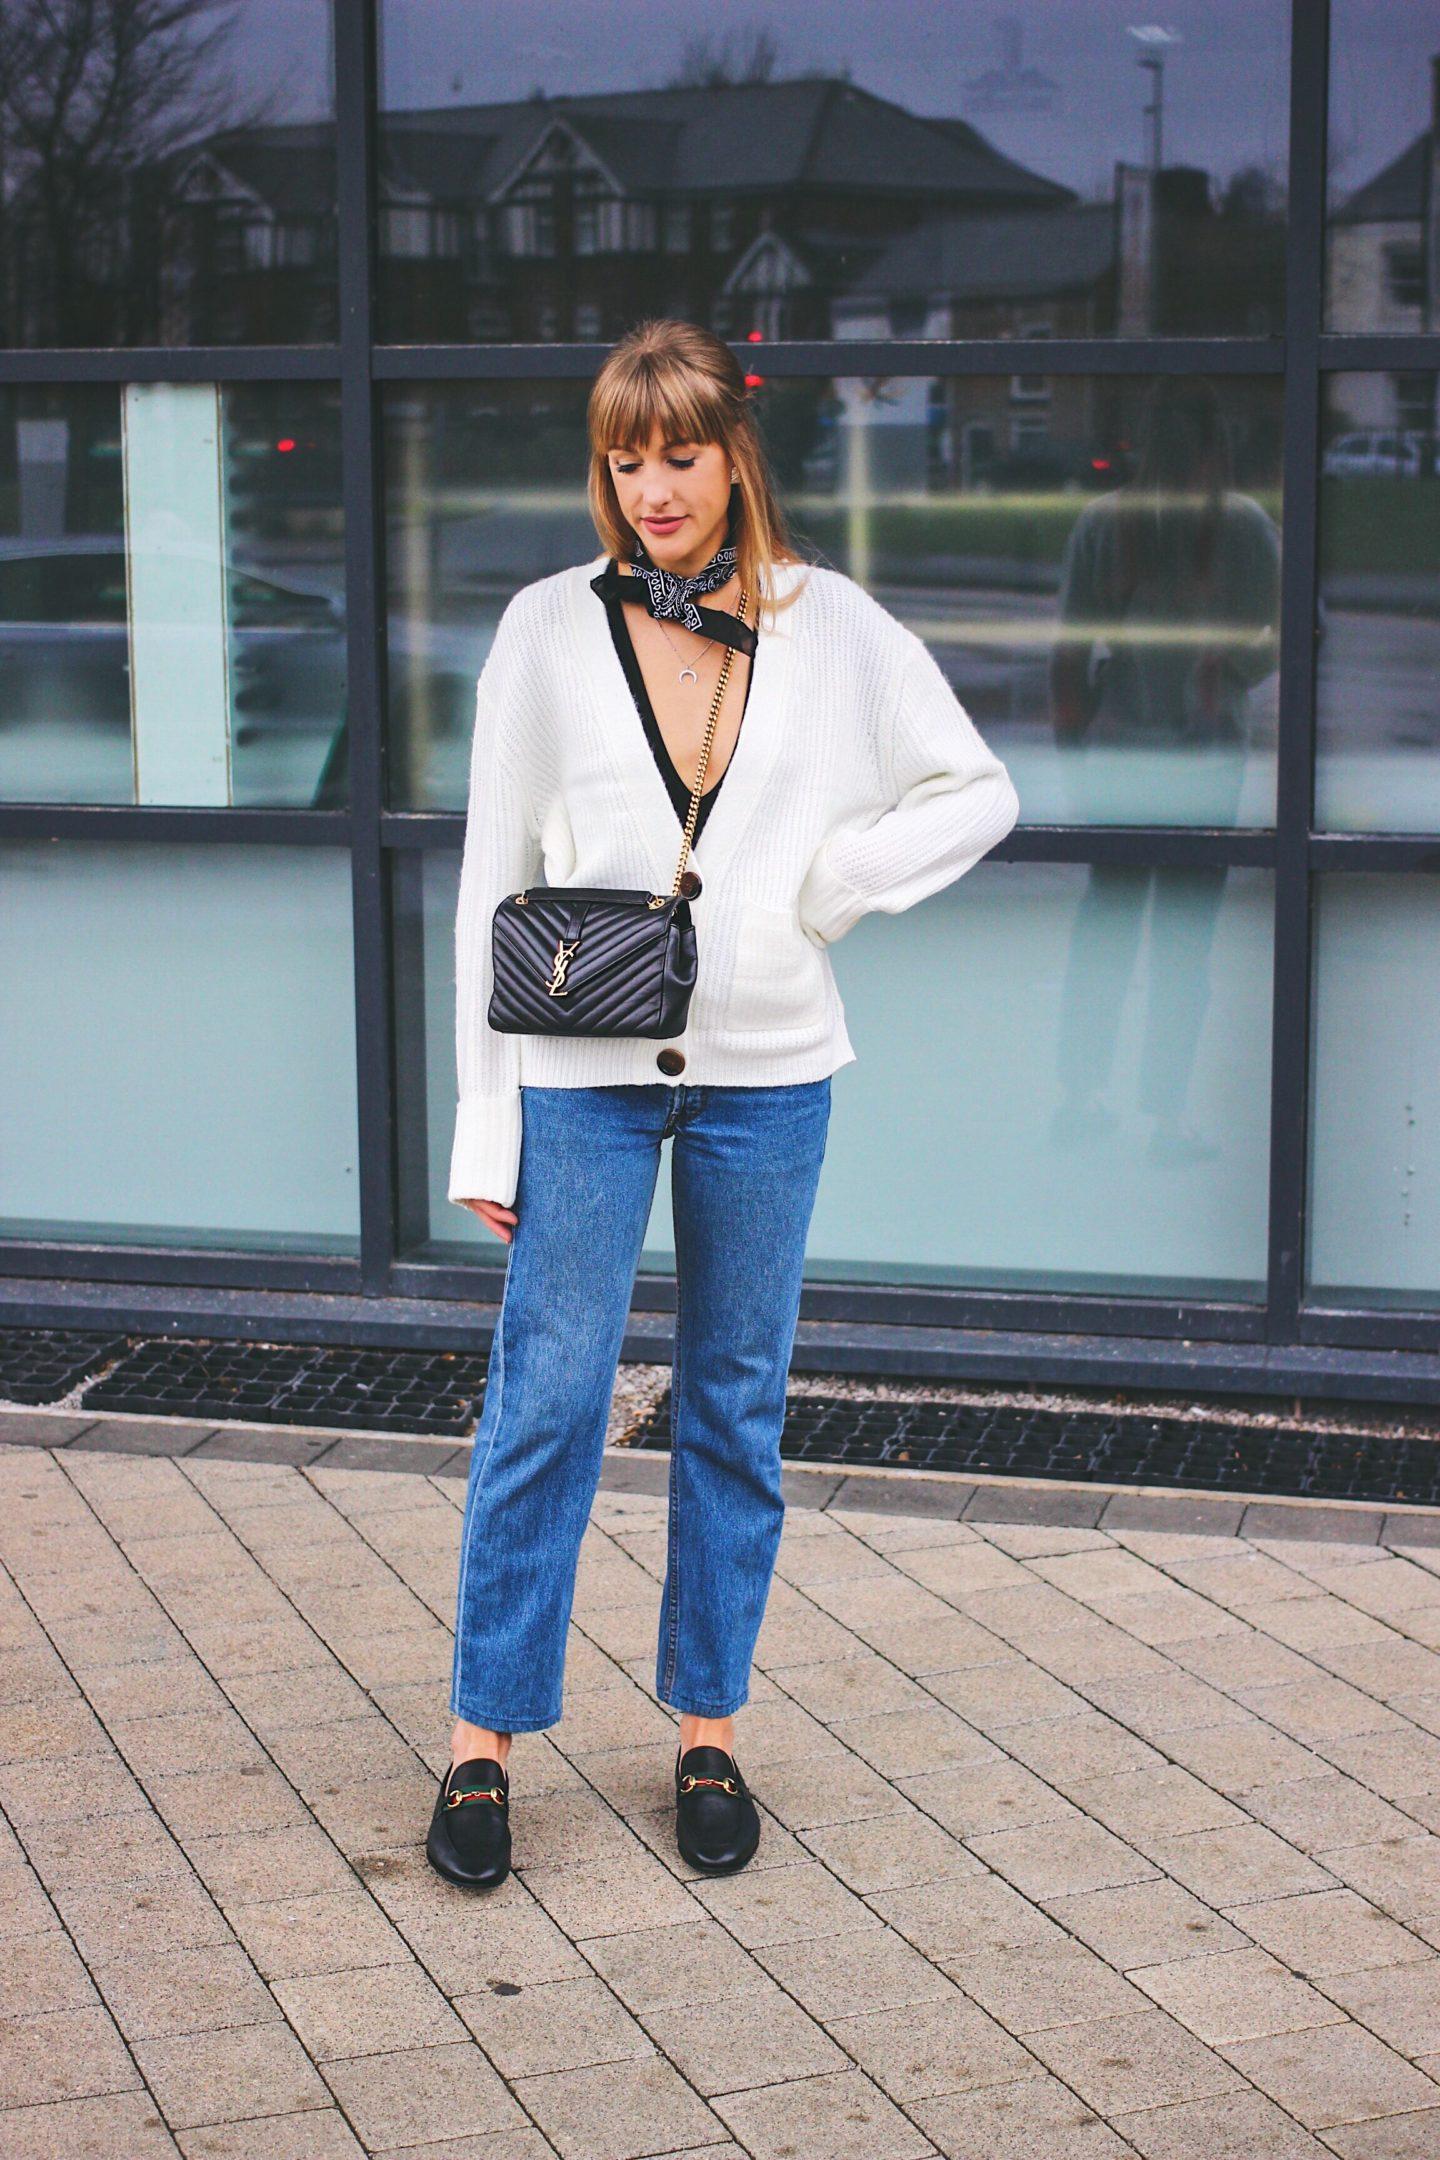 uk high street fashion blogger wearing asos